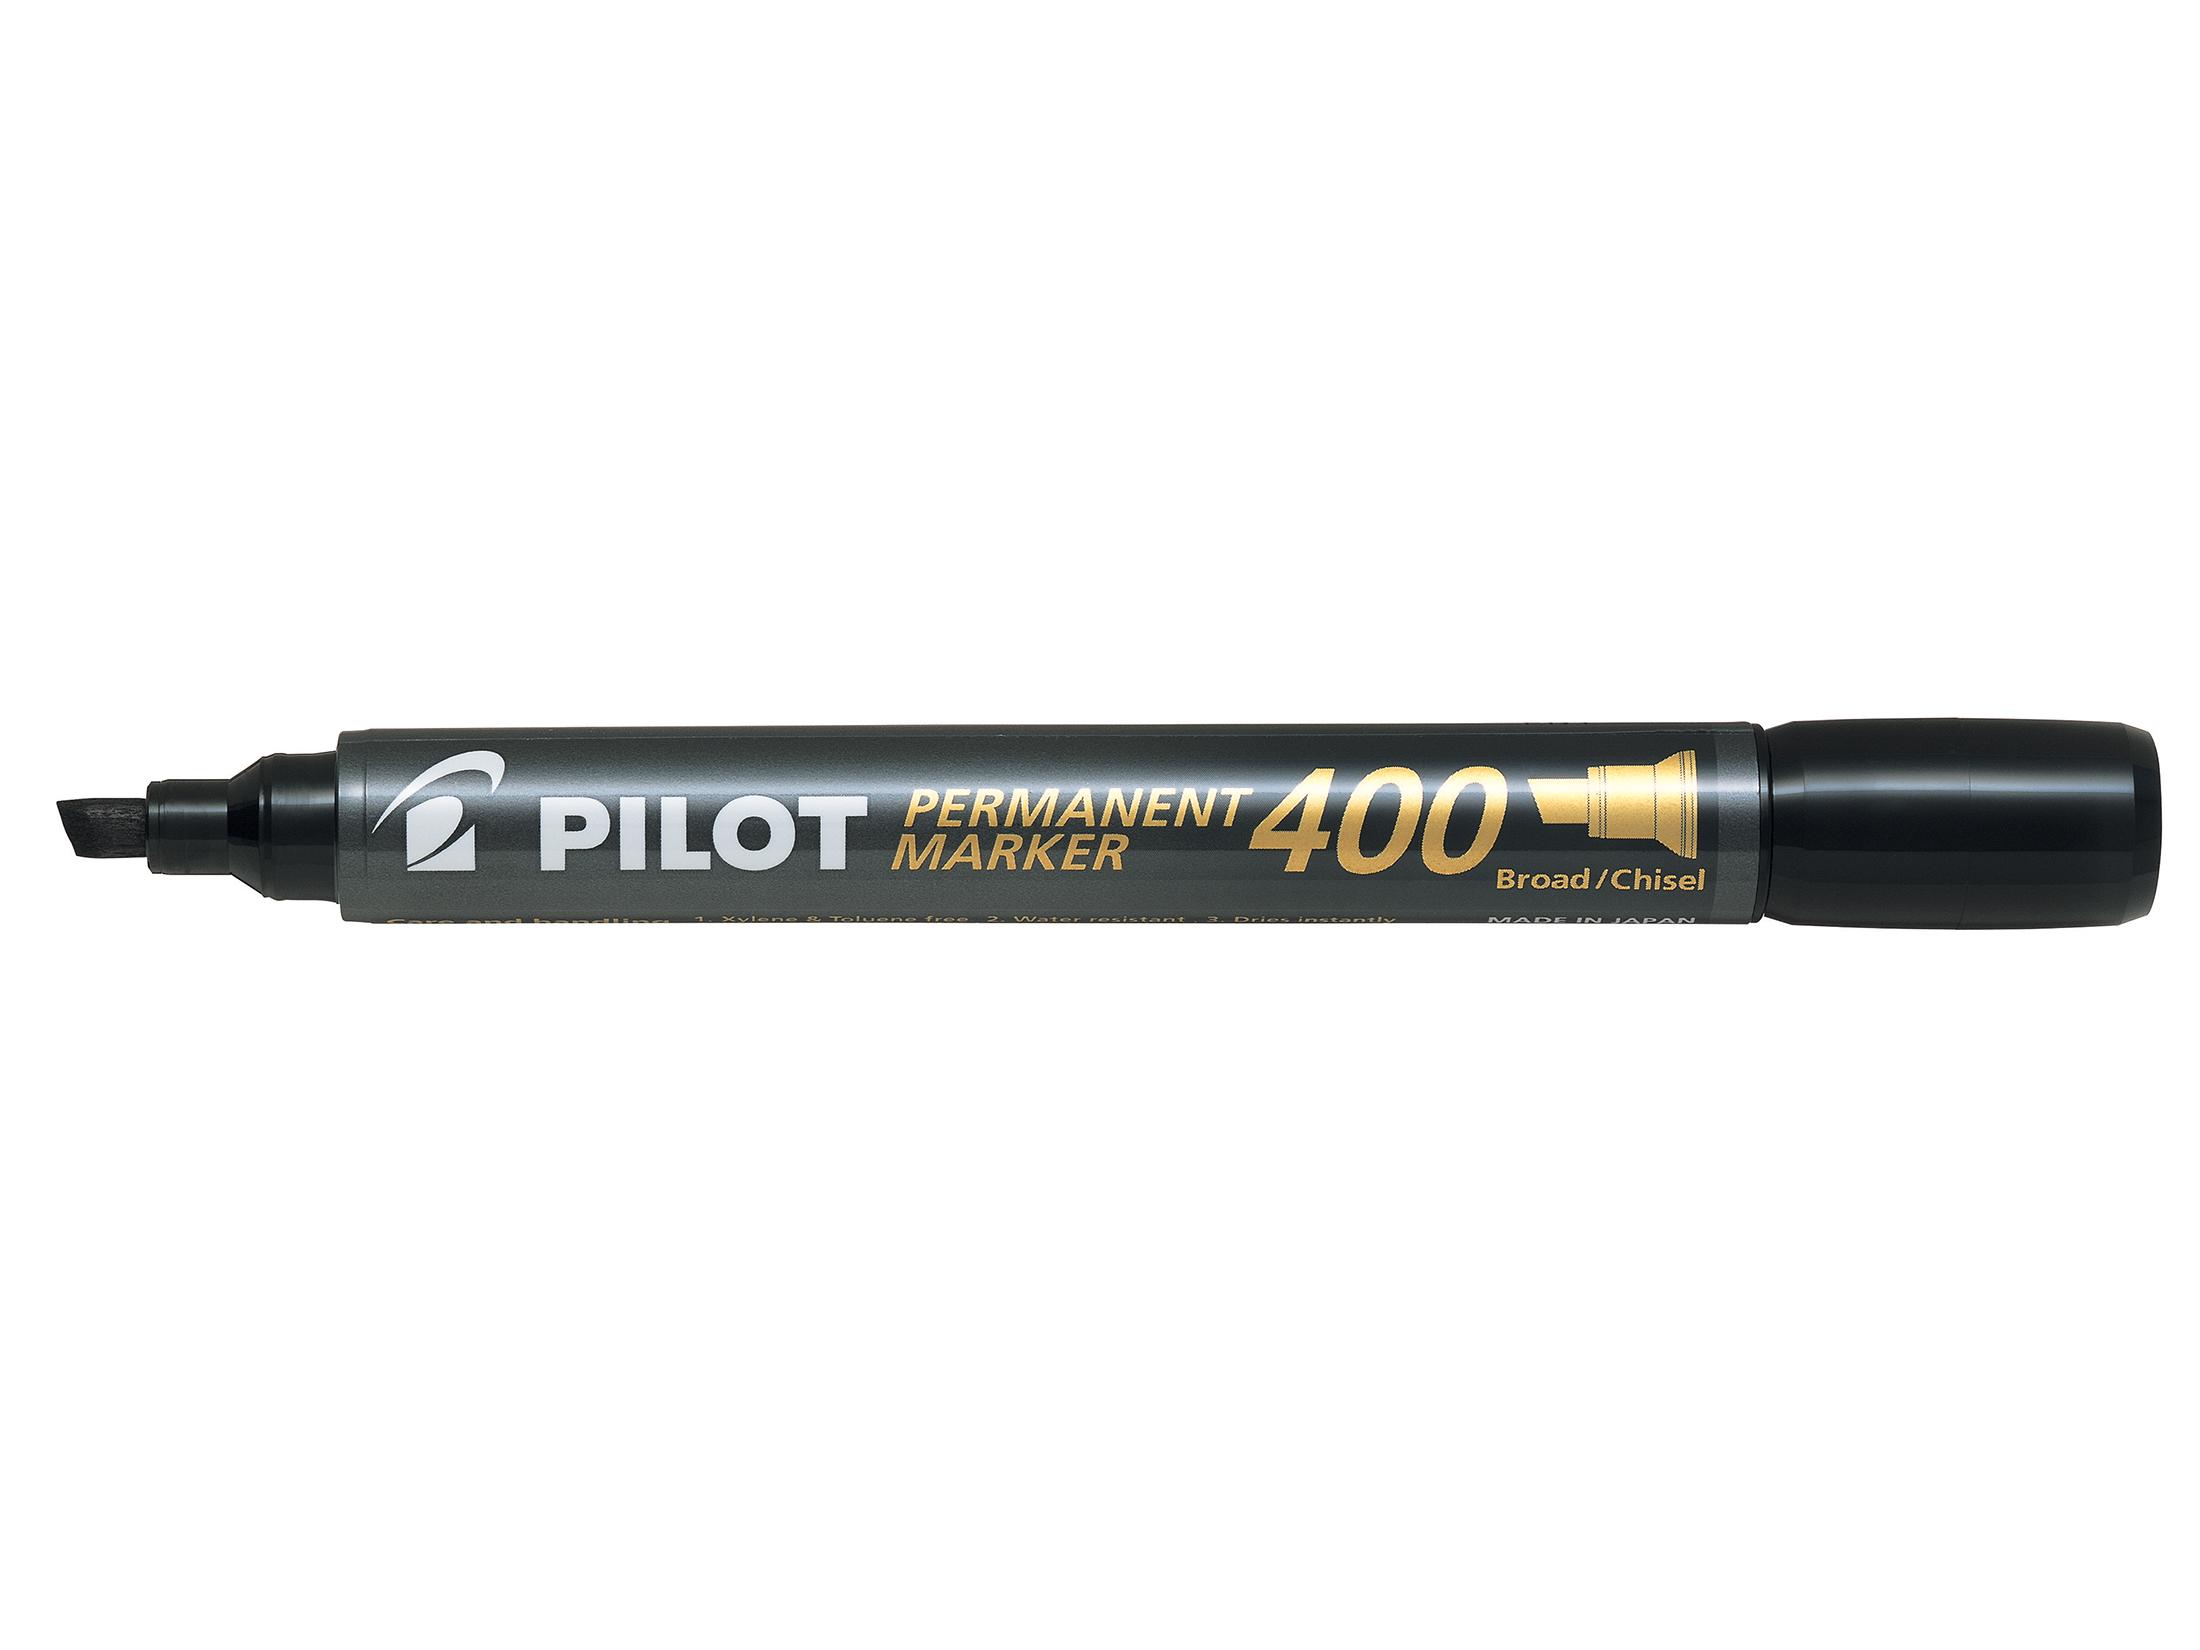 Pilot 400 Permanent Marker Chisel Tip Line 1.5-4.0mm Black Ref 3131910504061 [Pack 15&5 Free]